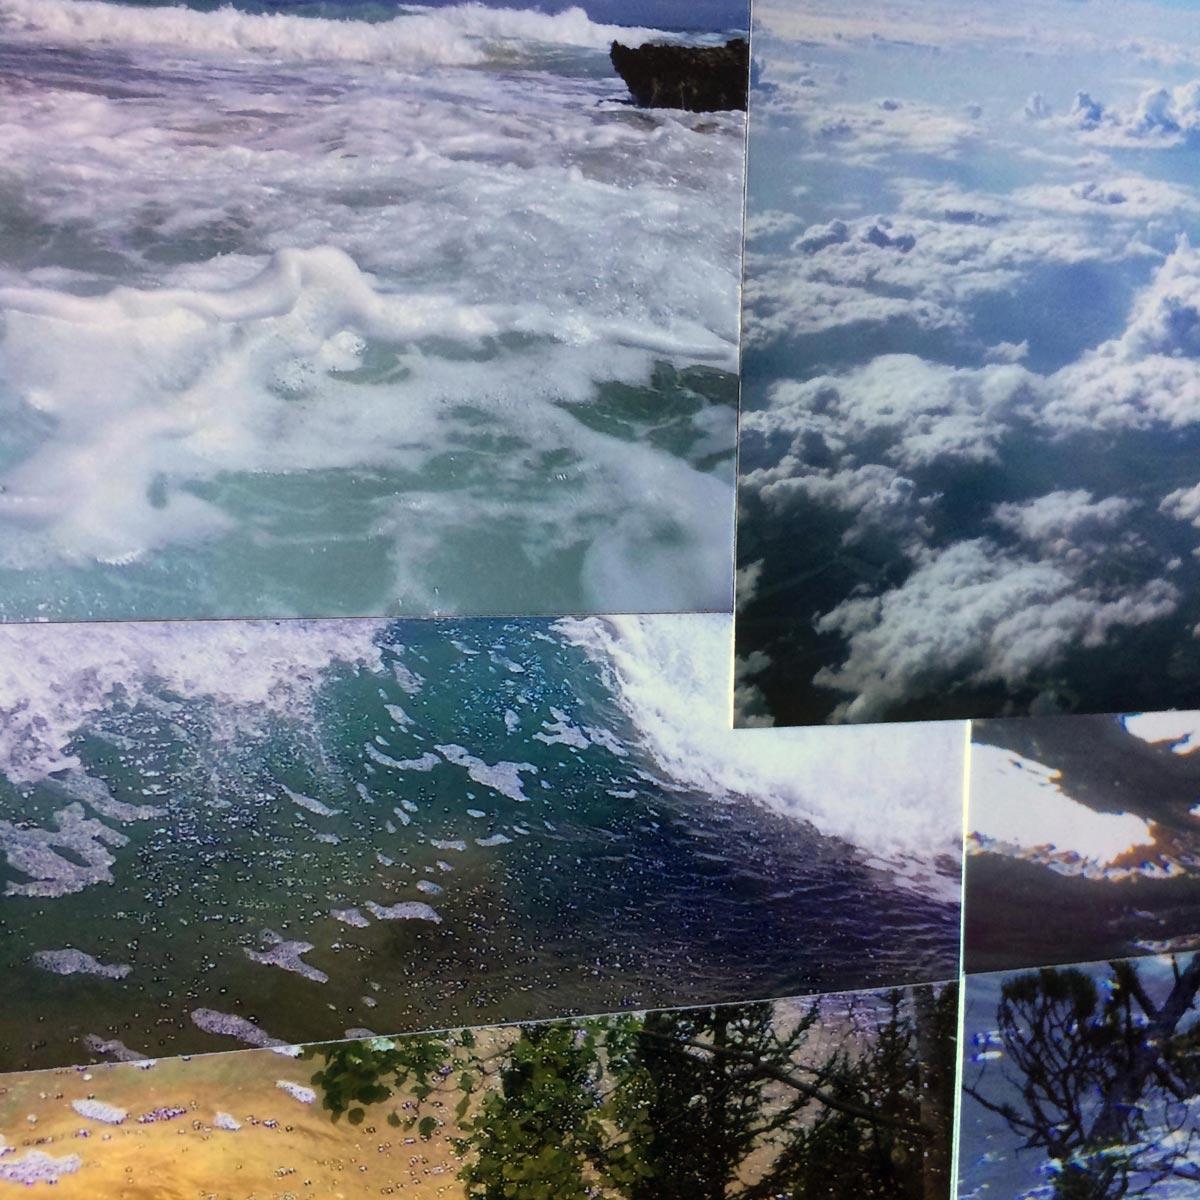 Foret-nuageuse - Em Pinsan